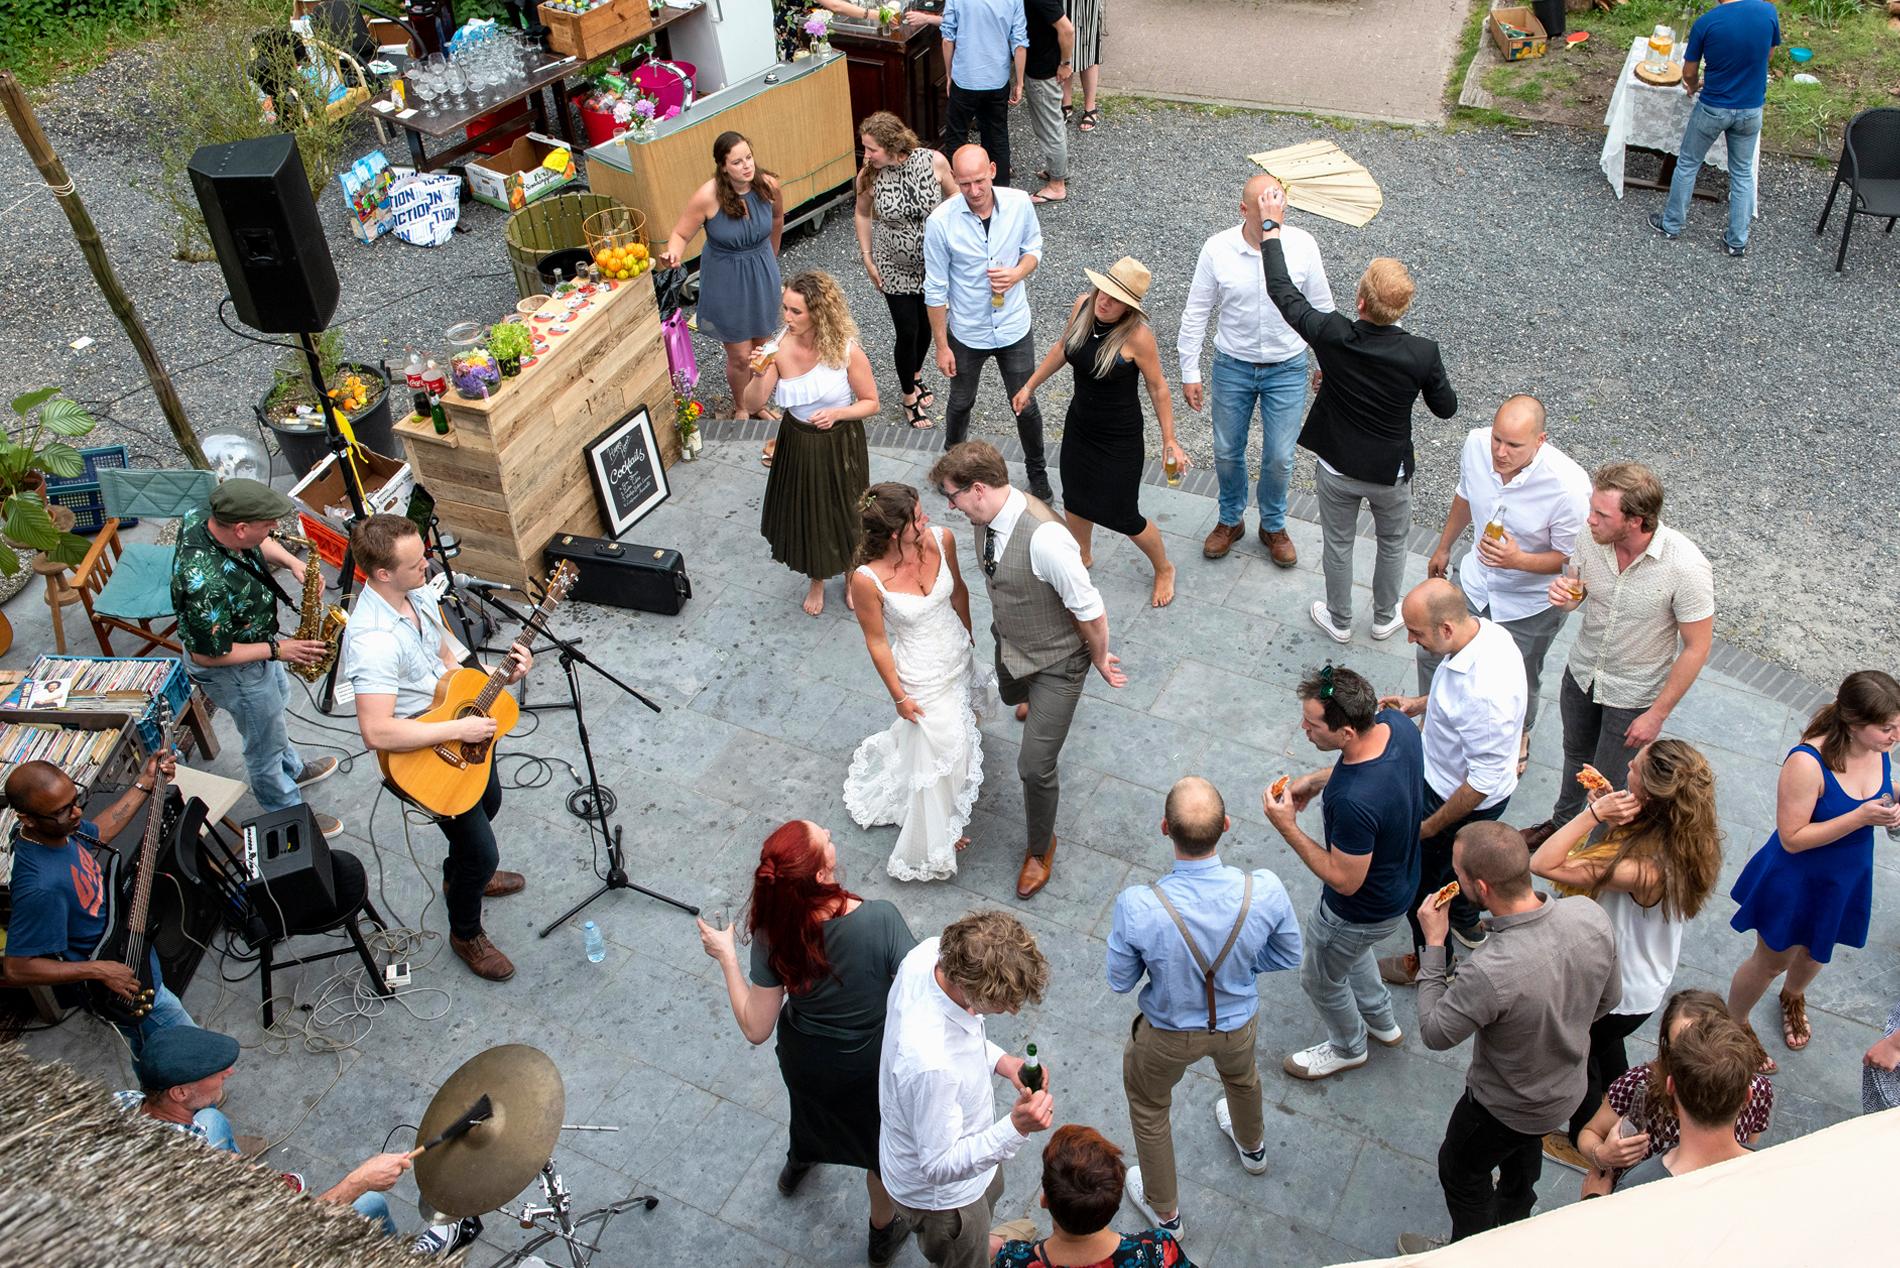 Wedding of Ellis and Martijn, dancing with their friends. De Ginkel in Leersum, The Netherlands